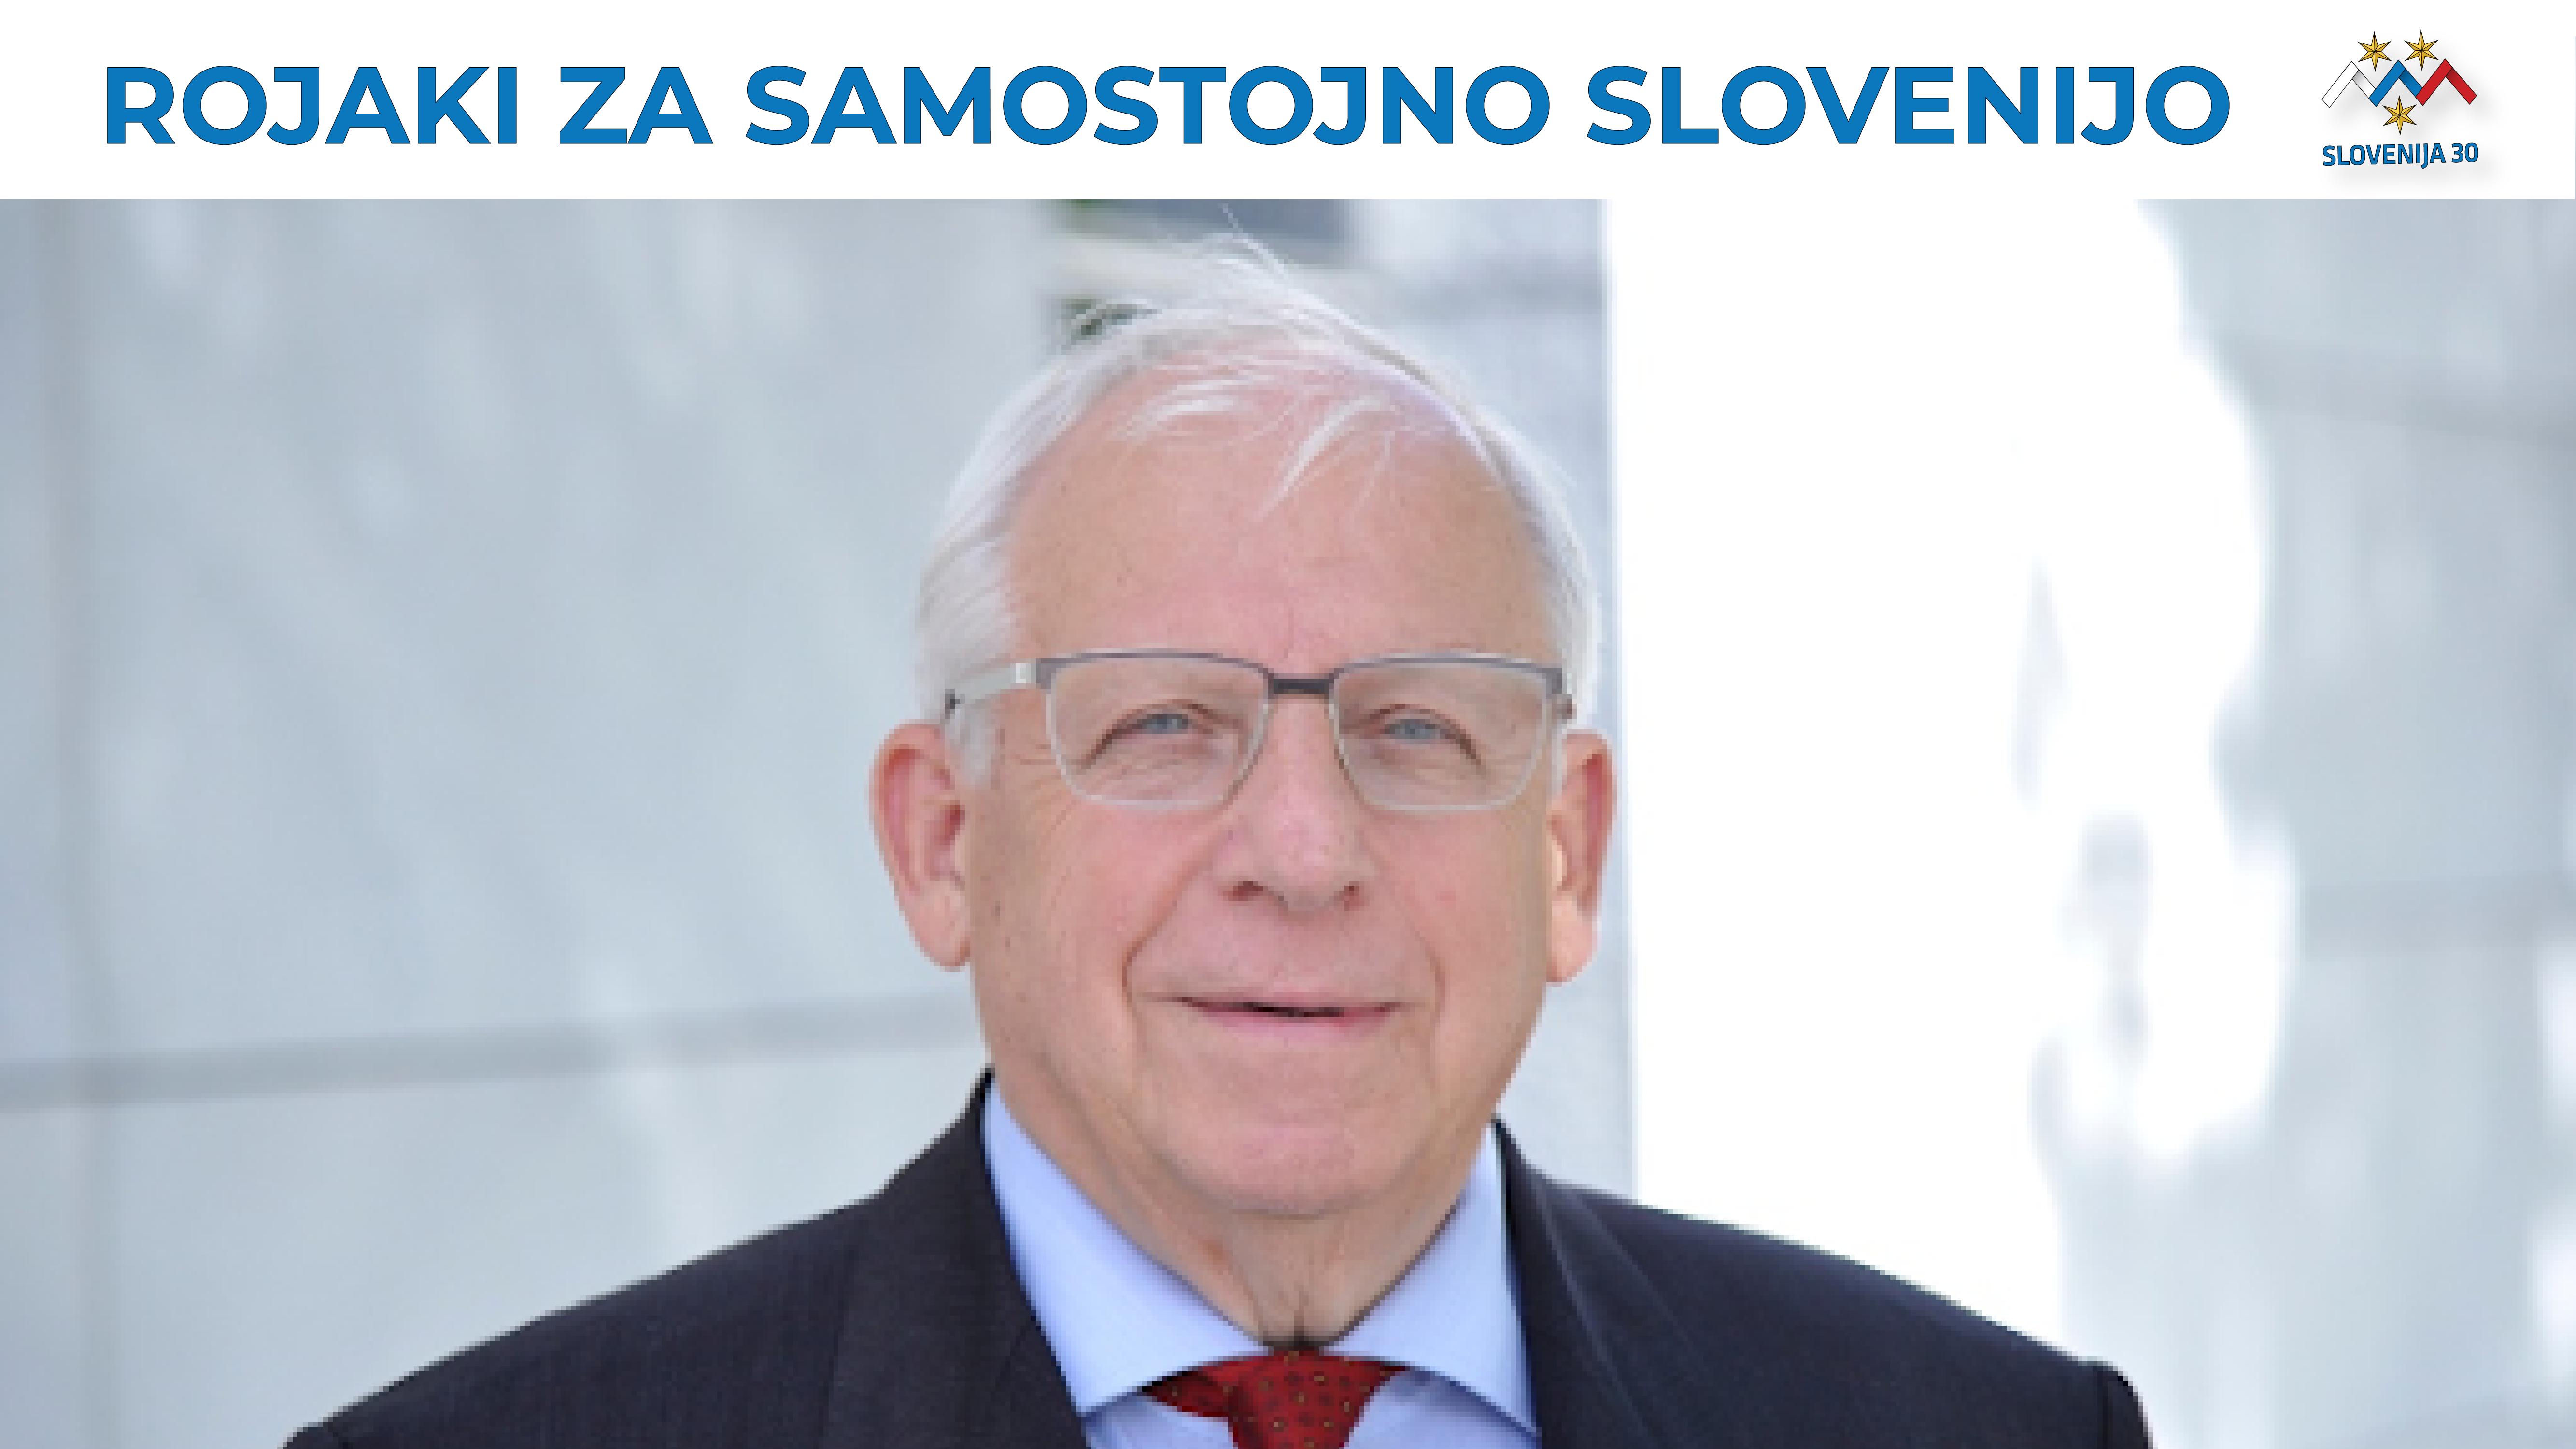 Karel Smolle, na vrhu na belem robu napis Rojaki za samostojno Slovenijo in logo 30. obletnice osamosvojitve (Triglav v barvah slovenske zastave in tri zvezde, pod njim napis 30 SLOVENIJA).